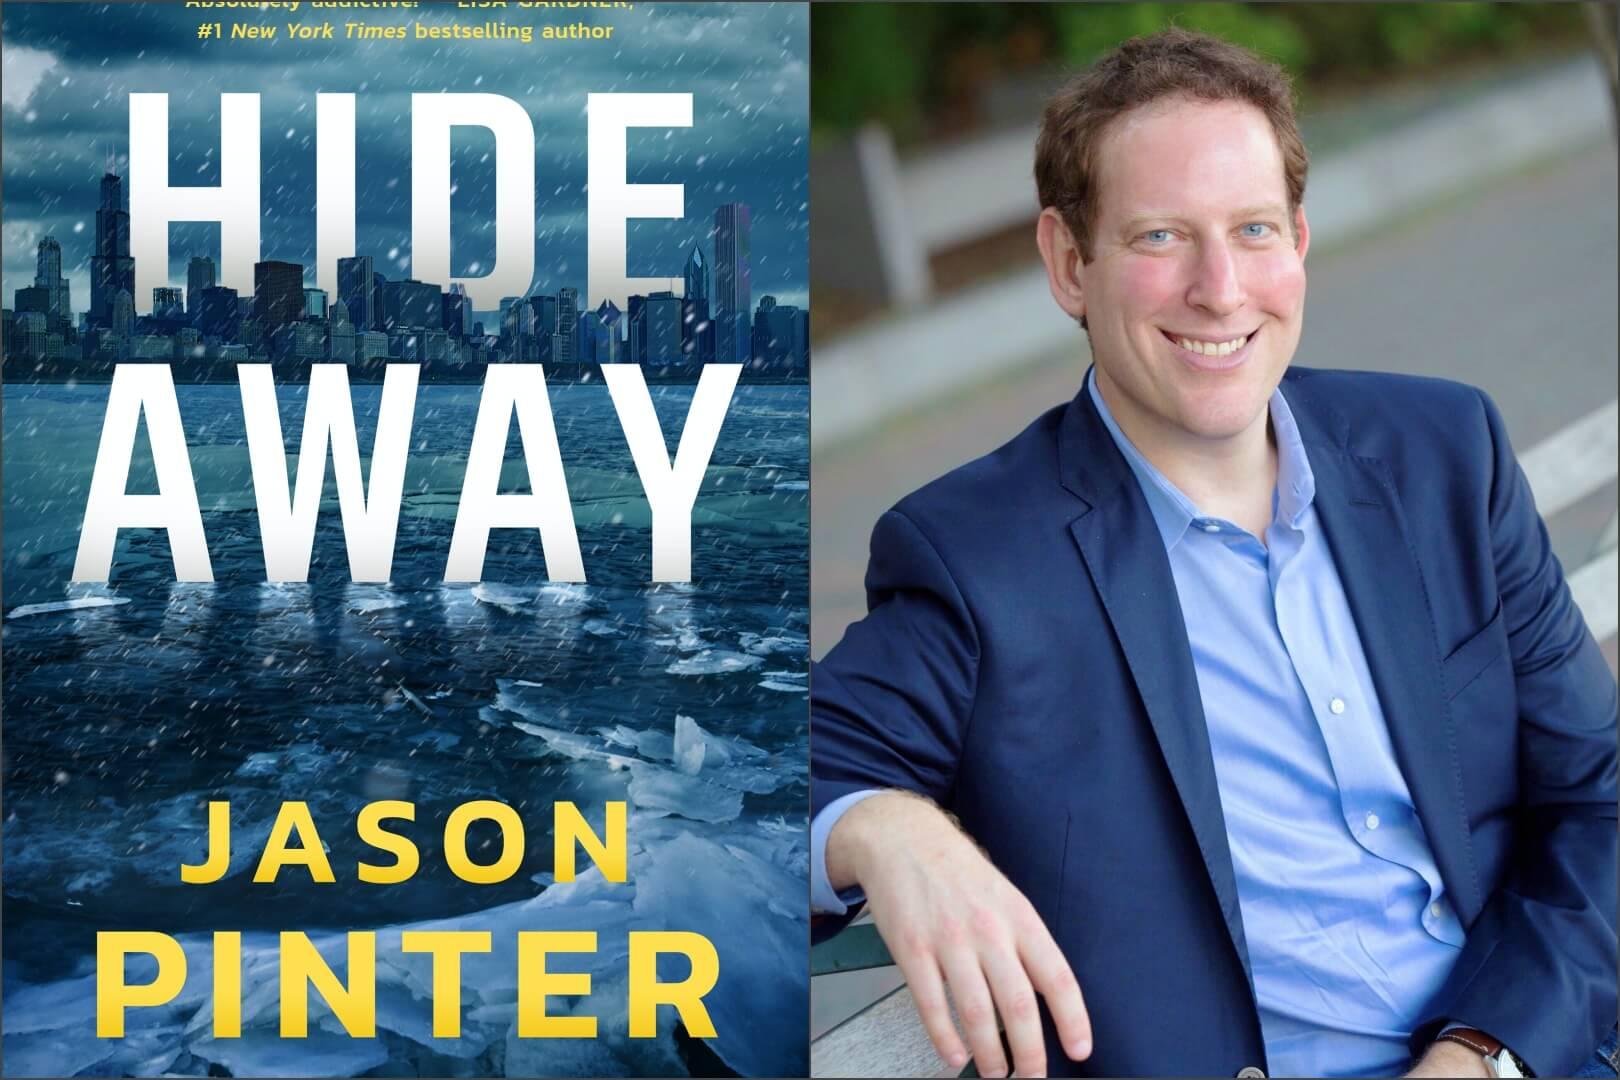 Jason pinter author Q&A - book club chat